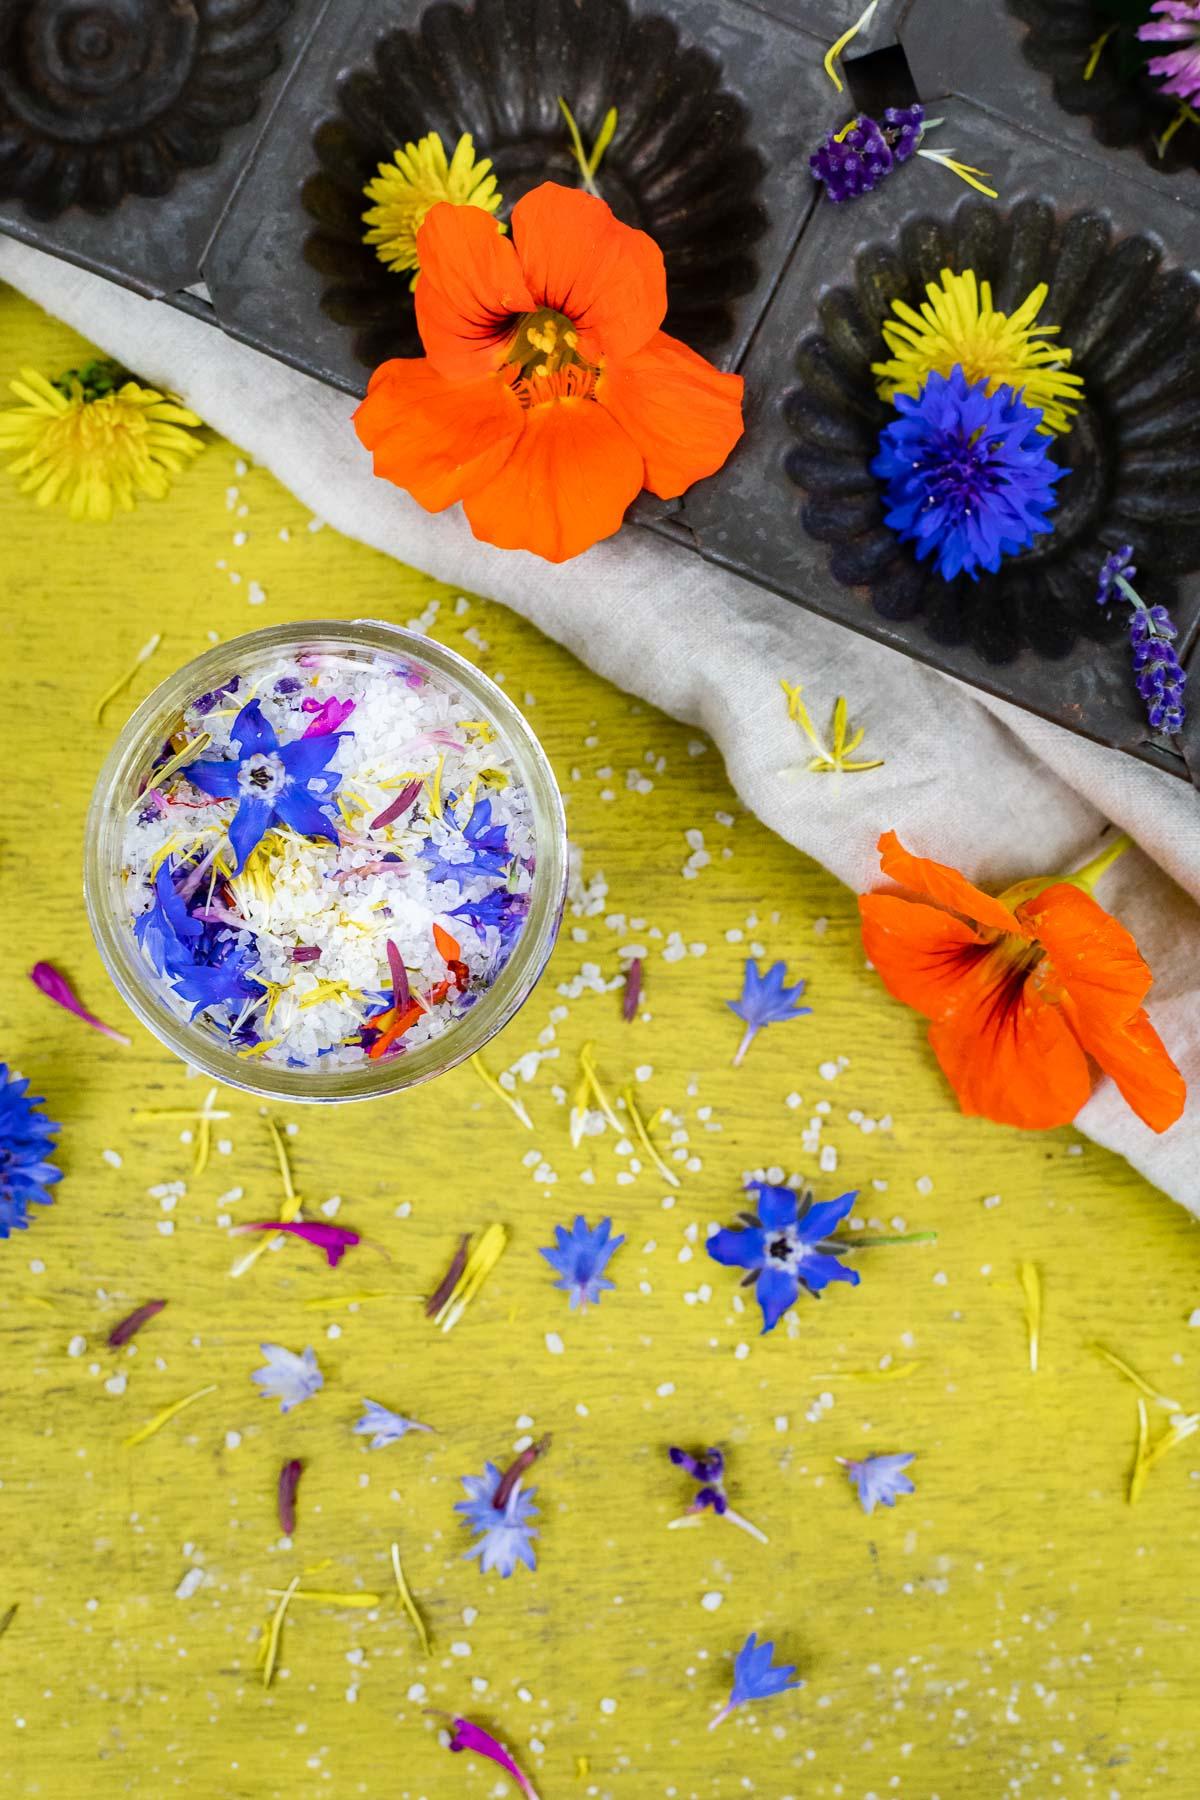 Kräutersalz, Gewürzsalz, Blütensalz – 3 Geschenkideen aus der Küche